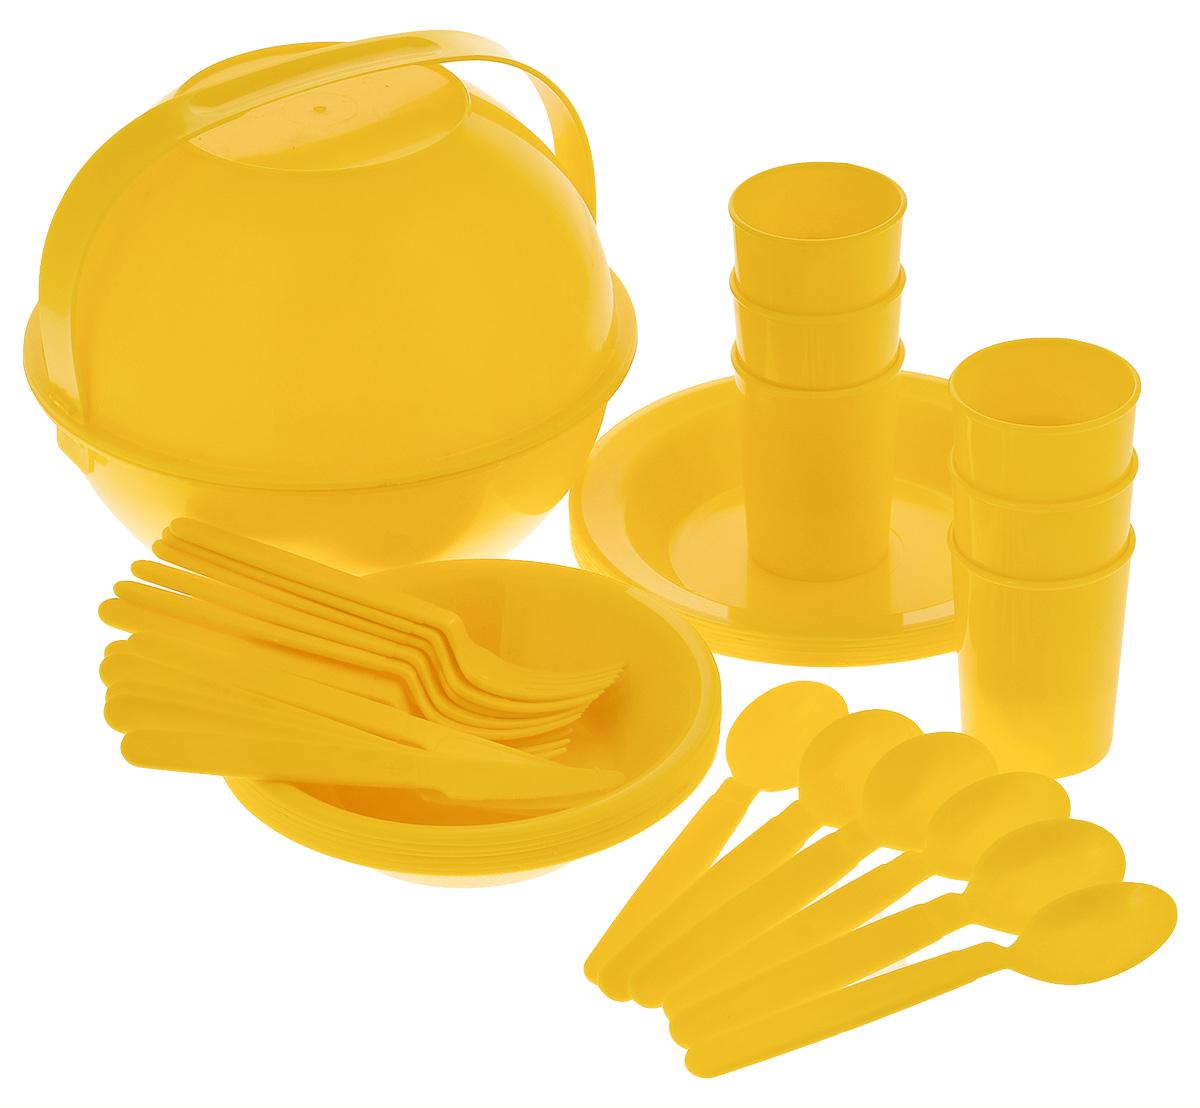 Набор туристический Колорпласт, цвет: желтый, на 6 персон, 38 предметов1538_желтыйТуристический набор Колорпласт включает: 2 глубоких салатника, 6 глубоких тарелок, 6 мелких тарелок, 6 стаканов, 6 ножей, 6 ложек, 6 вилок и изготовлен из высококачественного прочного пластика. Набор снабжен удобной ручкой для переноски. Стильный функциональный набор будет незаменим в дороге, на пикнике. Его можно взять с собой куда угодно, и вы всегда сможете наслаждаться горячим напитком или едой. Диаметр салатника (по верхнему краю): 24,5 см. Высота стенки салатника: 10 см. Диаметр глубокой тарелки (по верхнему краю): 18,5 см. Высота стенки глубокой тарелки: 4 см. Диаметр мелкой тарелки (по верхнему краю): 21 см. Высота мелкой тарелки: 3 см. Диаметр стакана (по верхнему краю): 7 см. Высота стакана: 9 см. Диаметр основания стакана: 5,5 см. Объем стакана: 250 мл. Длина ложки: 18,5 см. Длина вилки: 18,5 см. Длина ножа: 18,5 см. Длина лезвия ножа: 6,5 см.